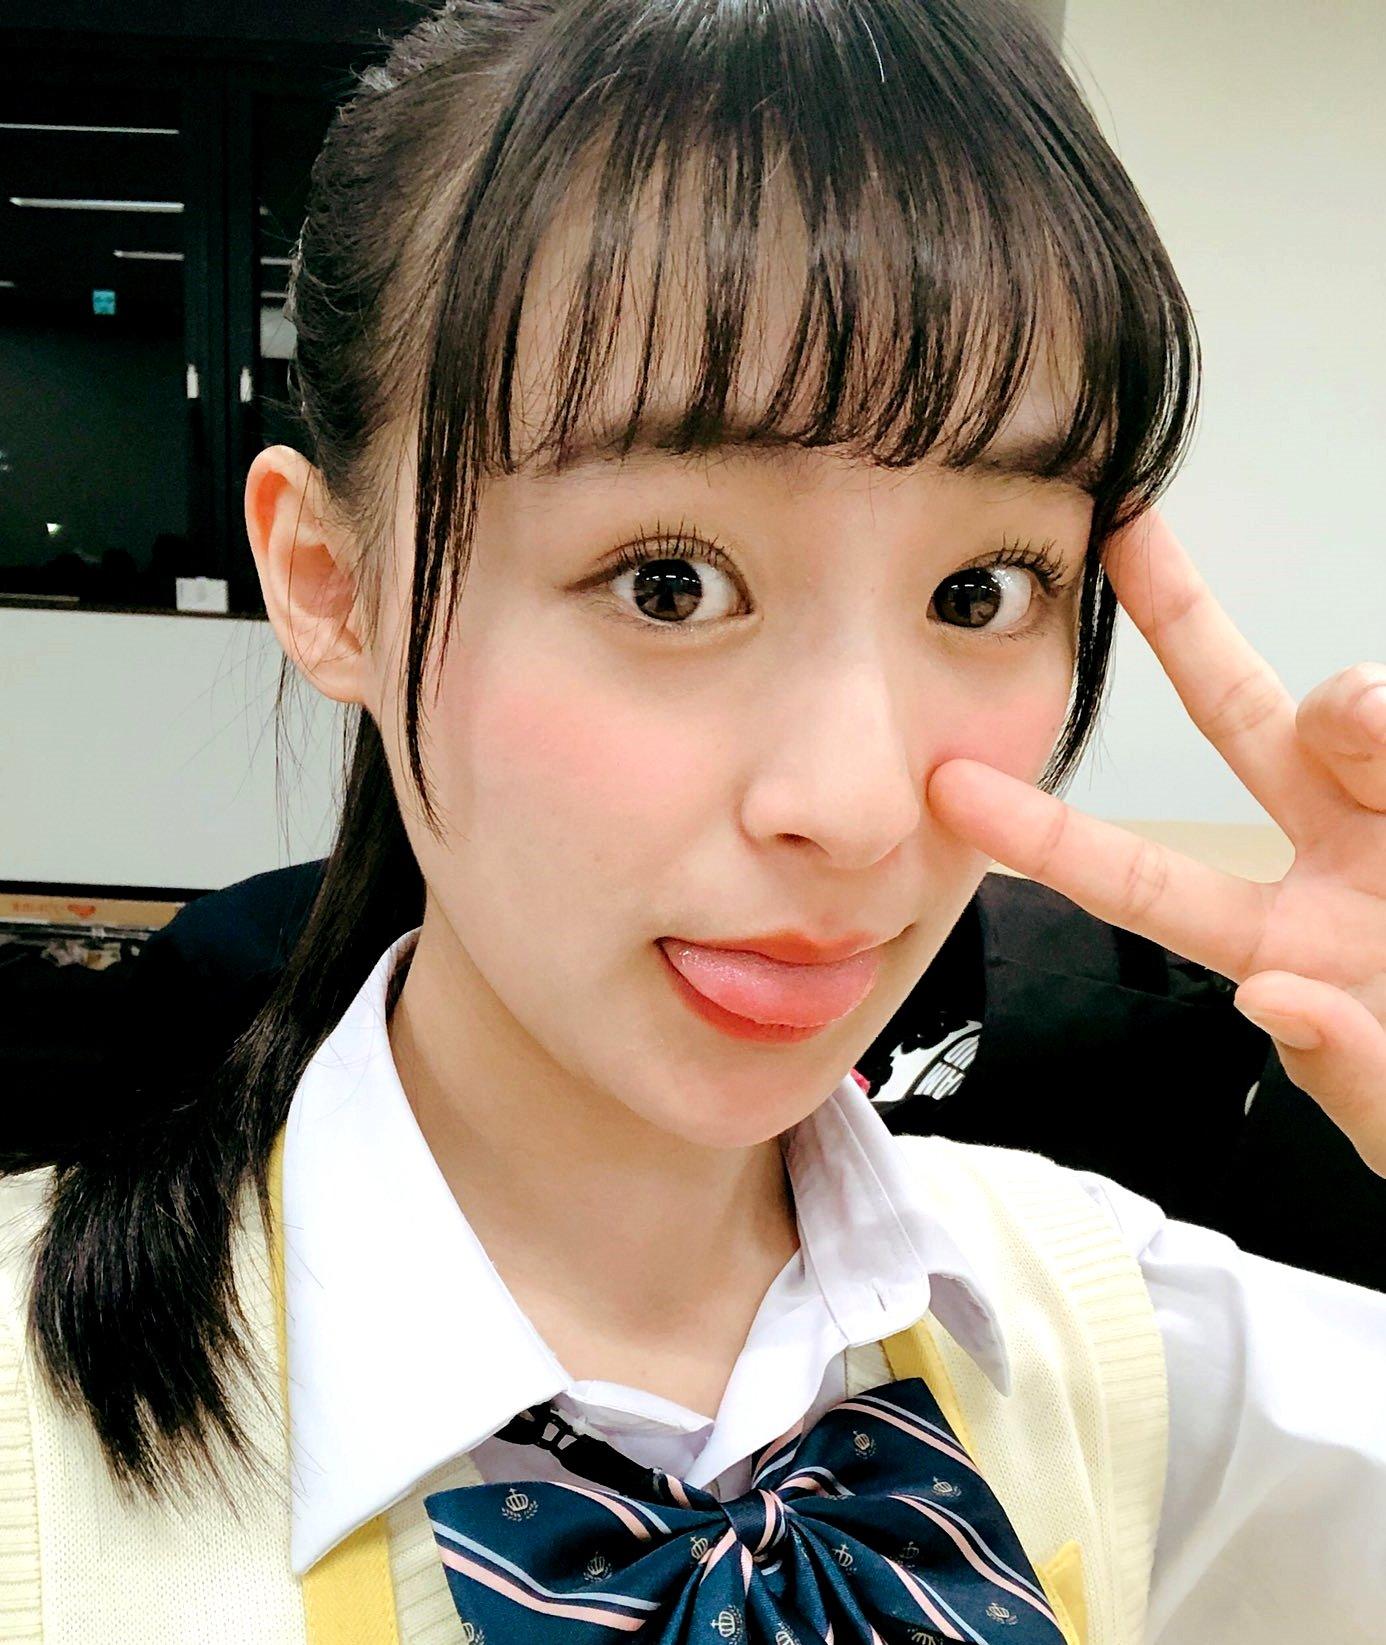 鈴木美羽のぽってり舌まとめ (17)